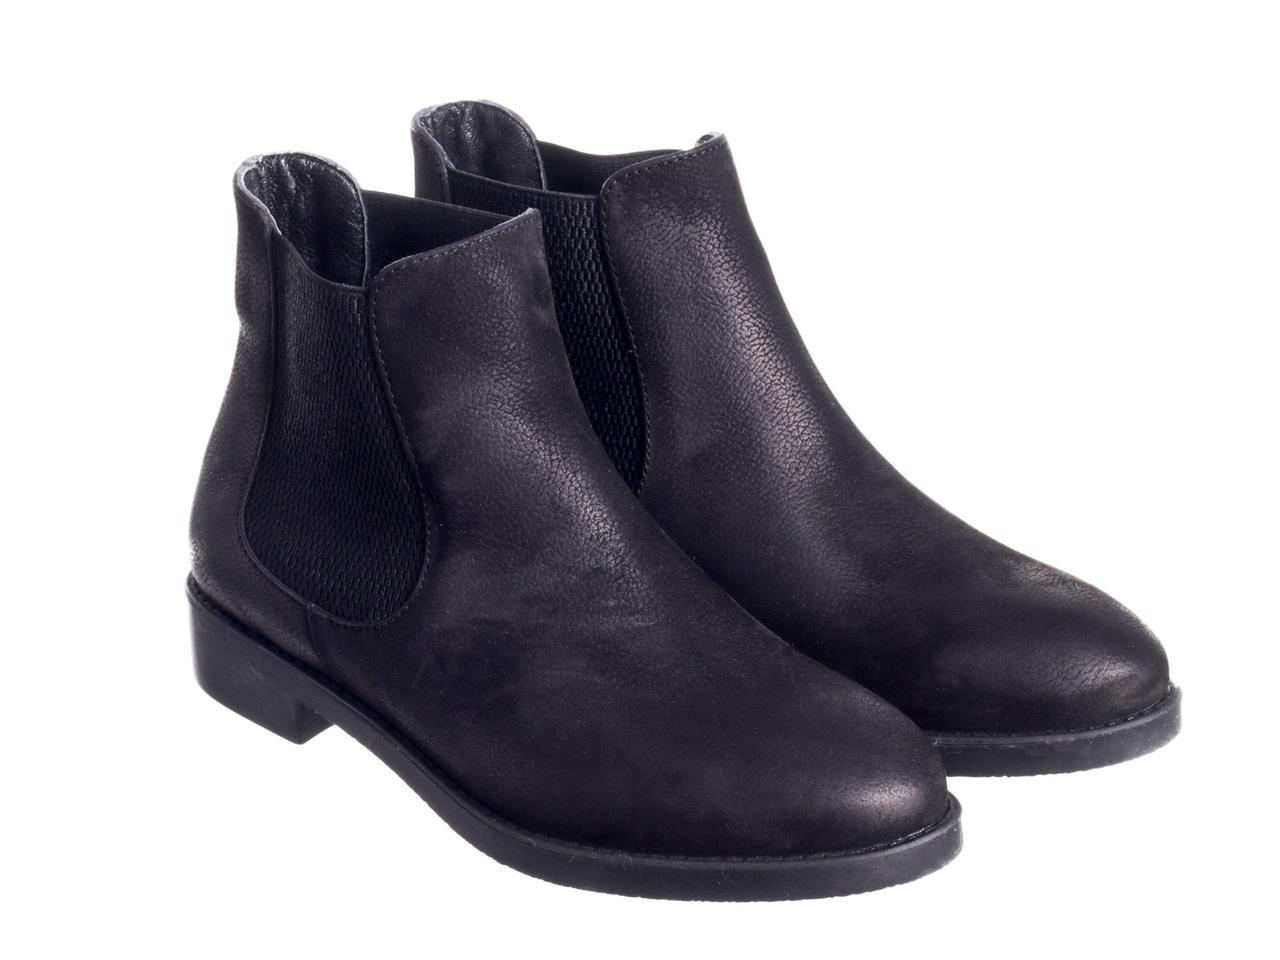 Ботинки Etor 6744-1061 черные